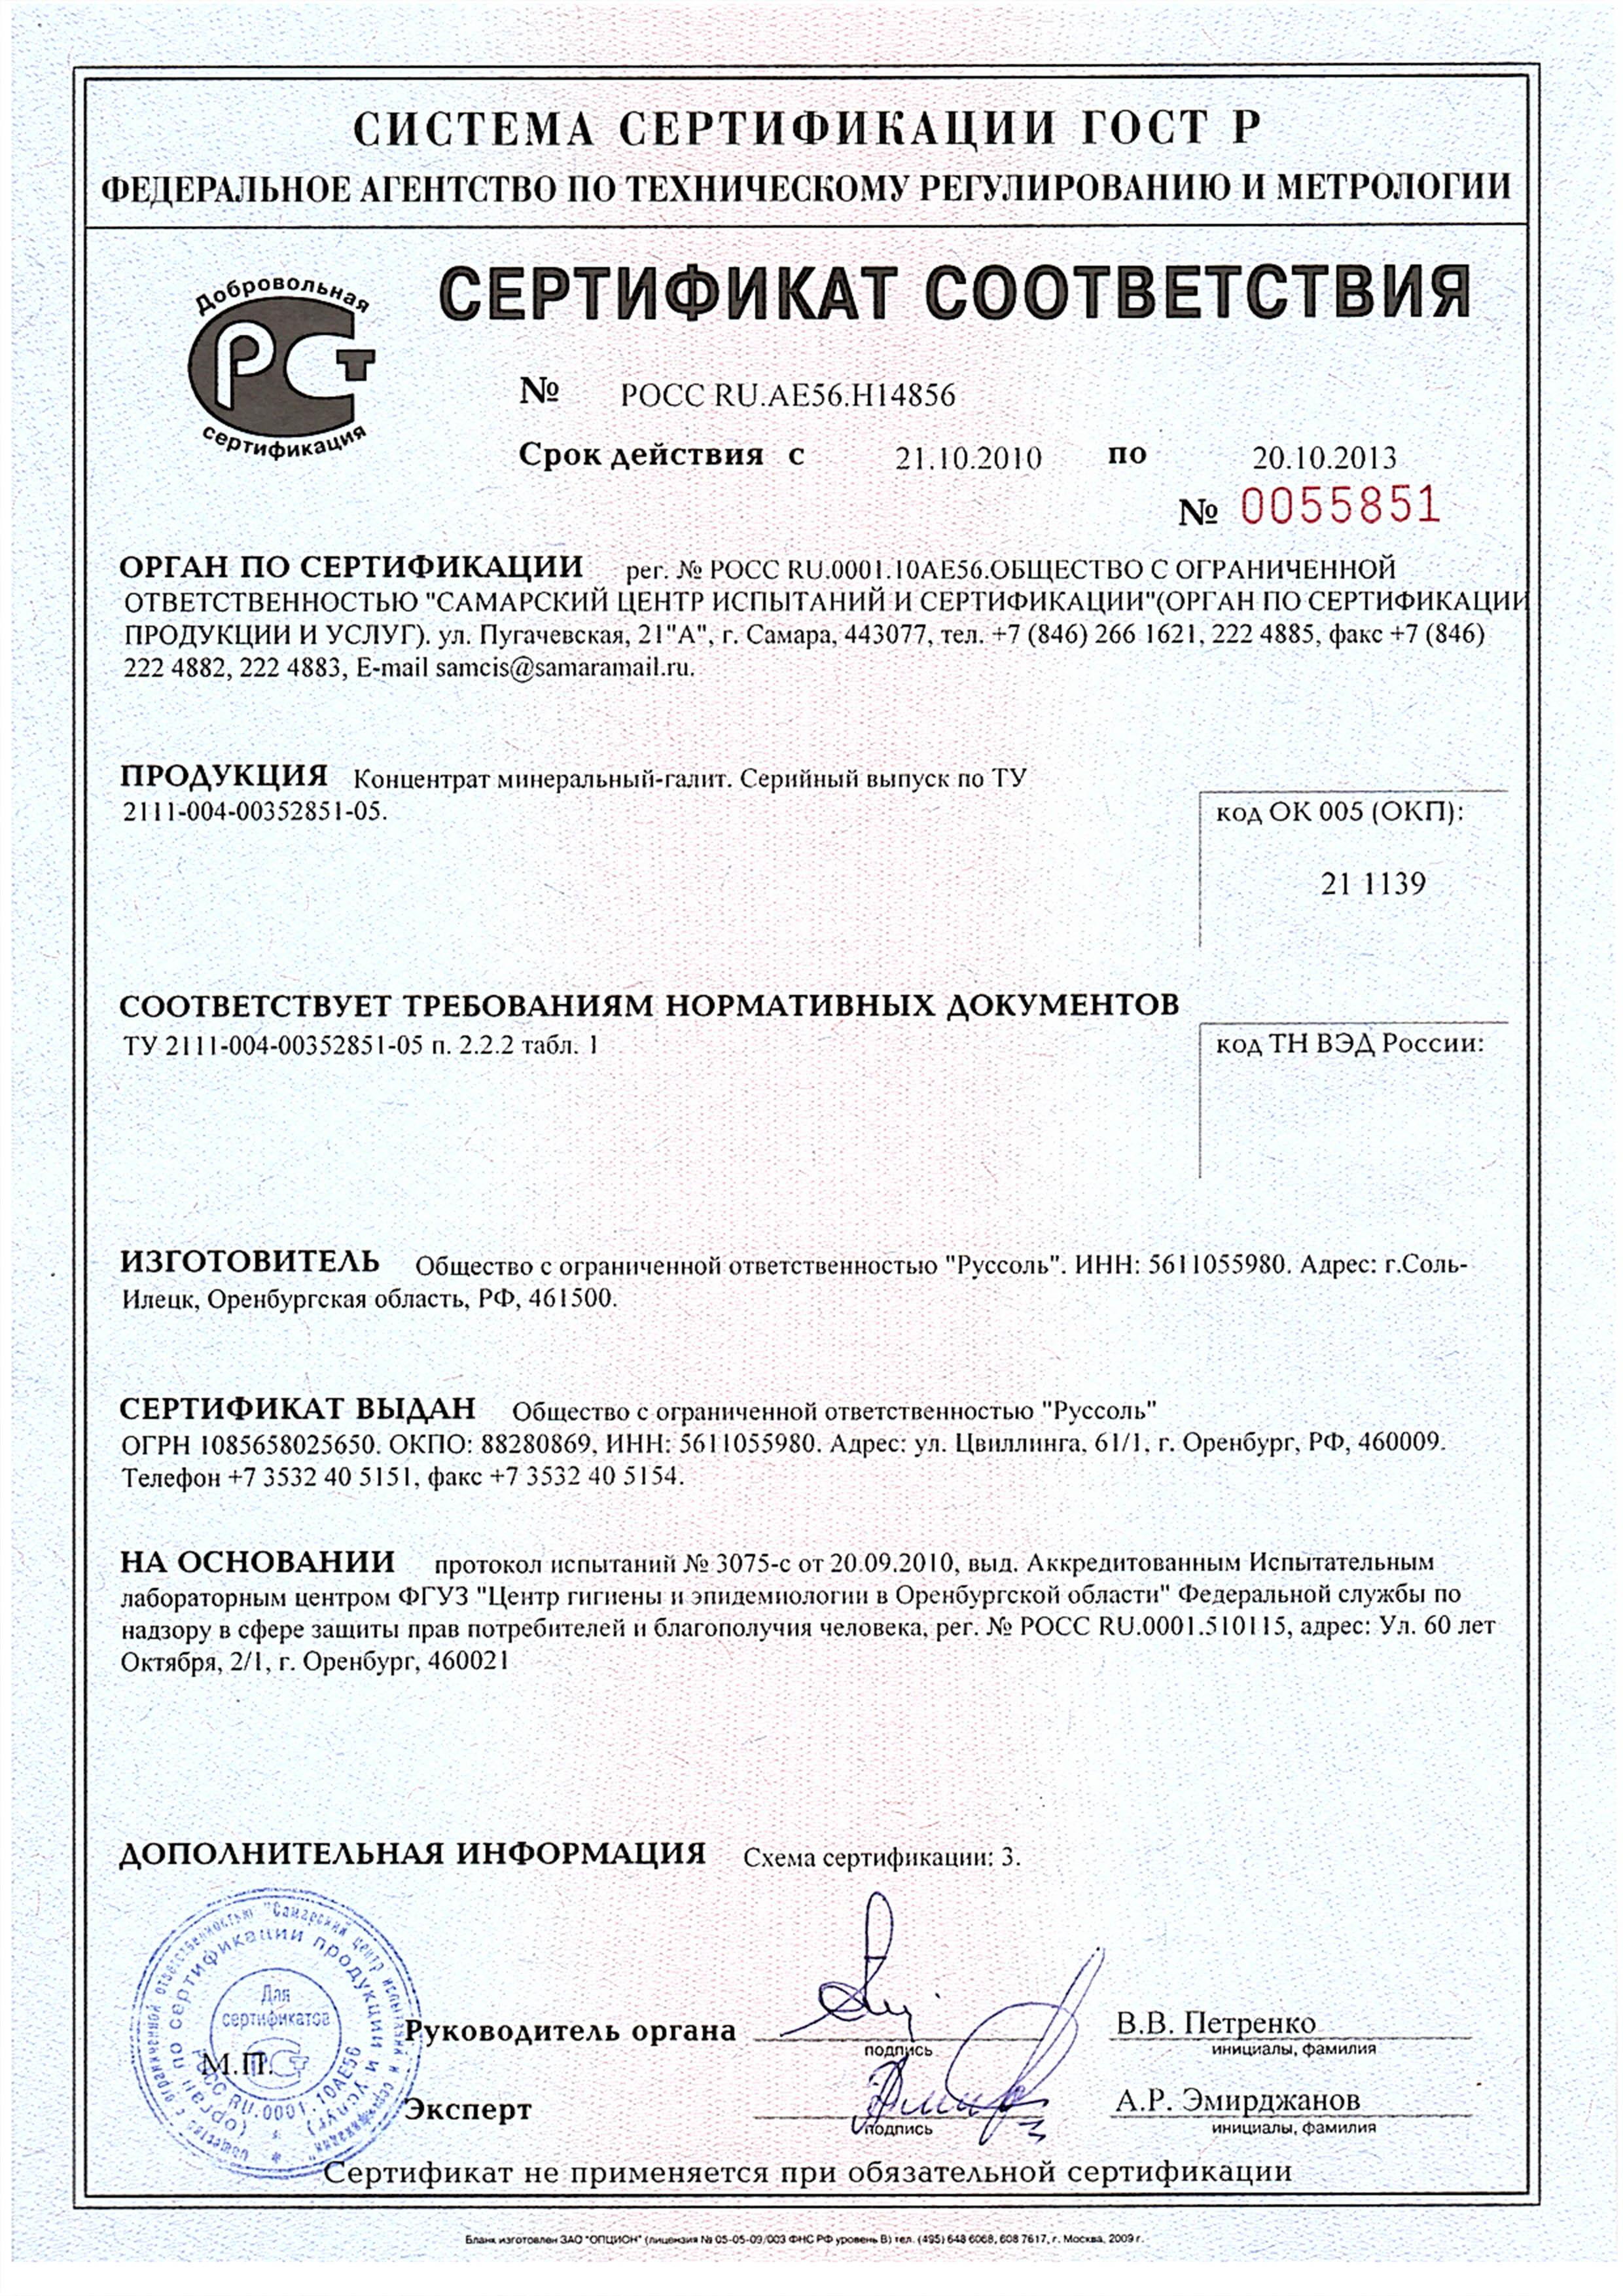 Сертификат соответствия Интерконсента